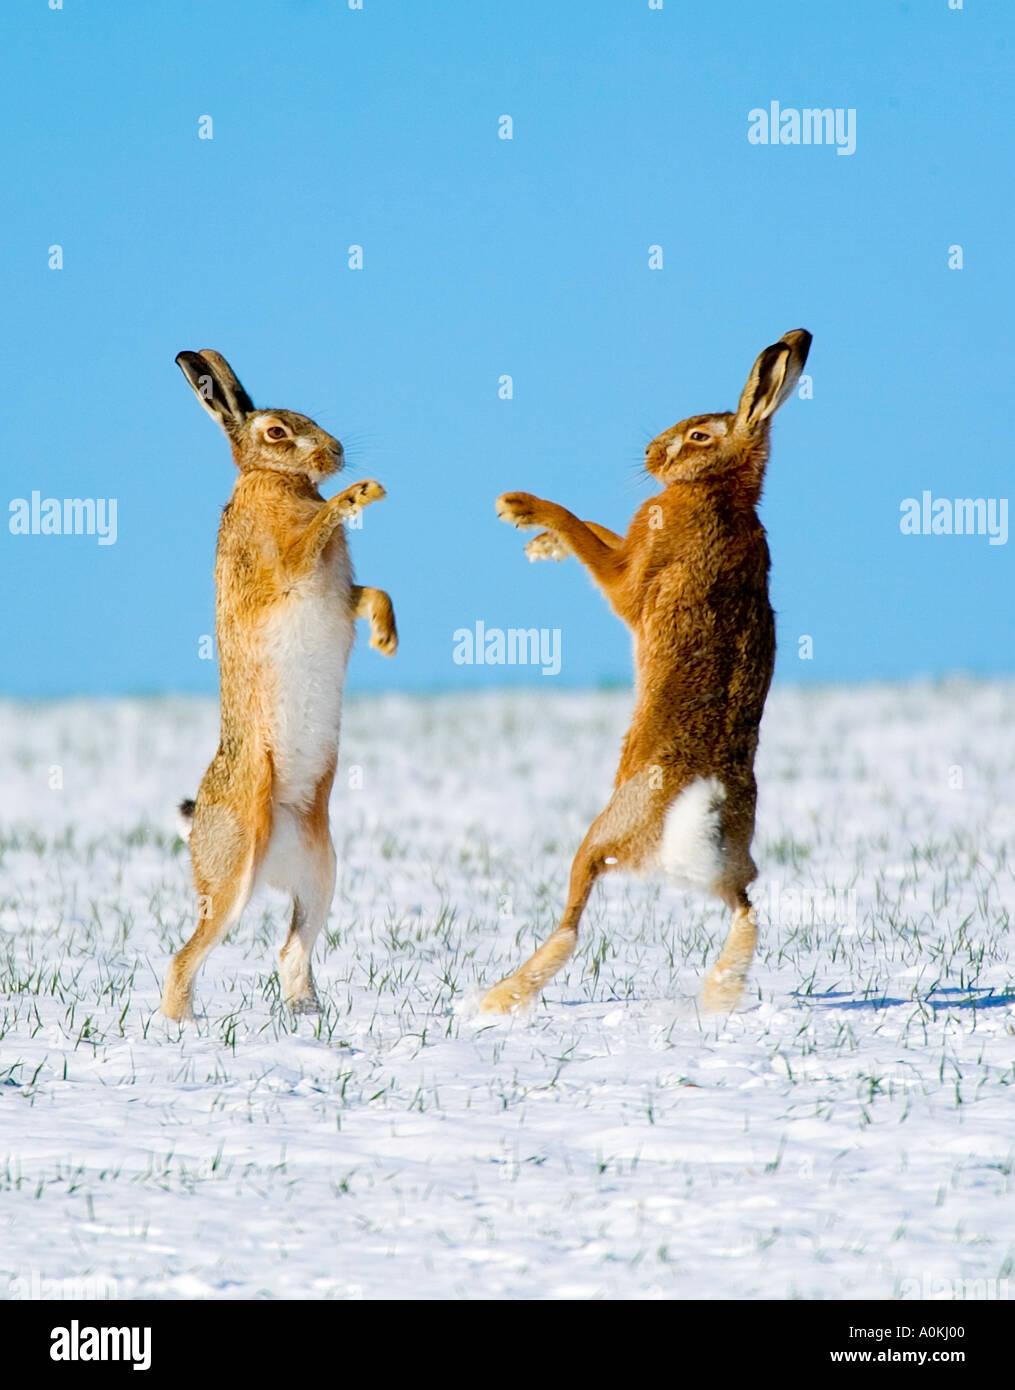 Brauner Hase Lepus Europaeus Boxen im Schnee mit blauem Himmel Therfield Hertfordshire Stockbild